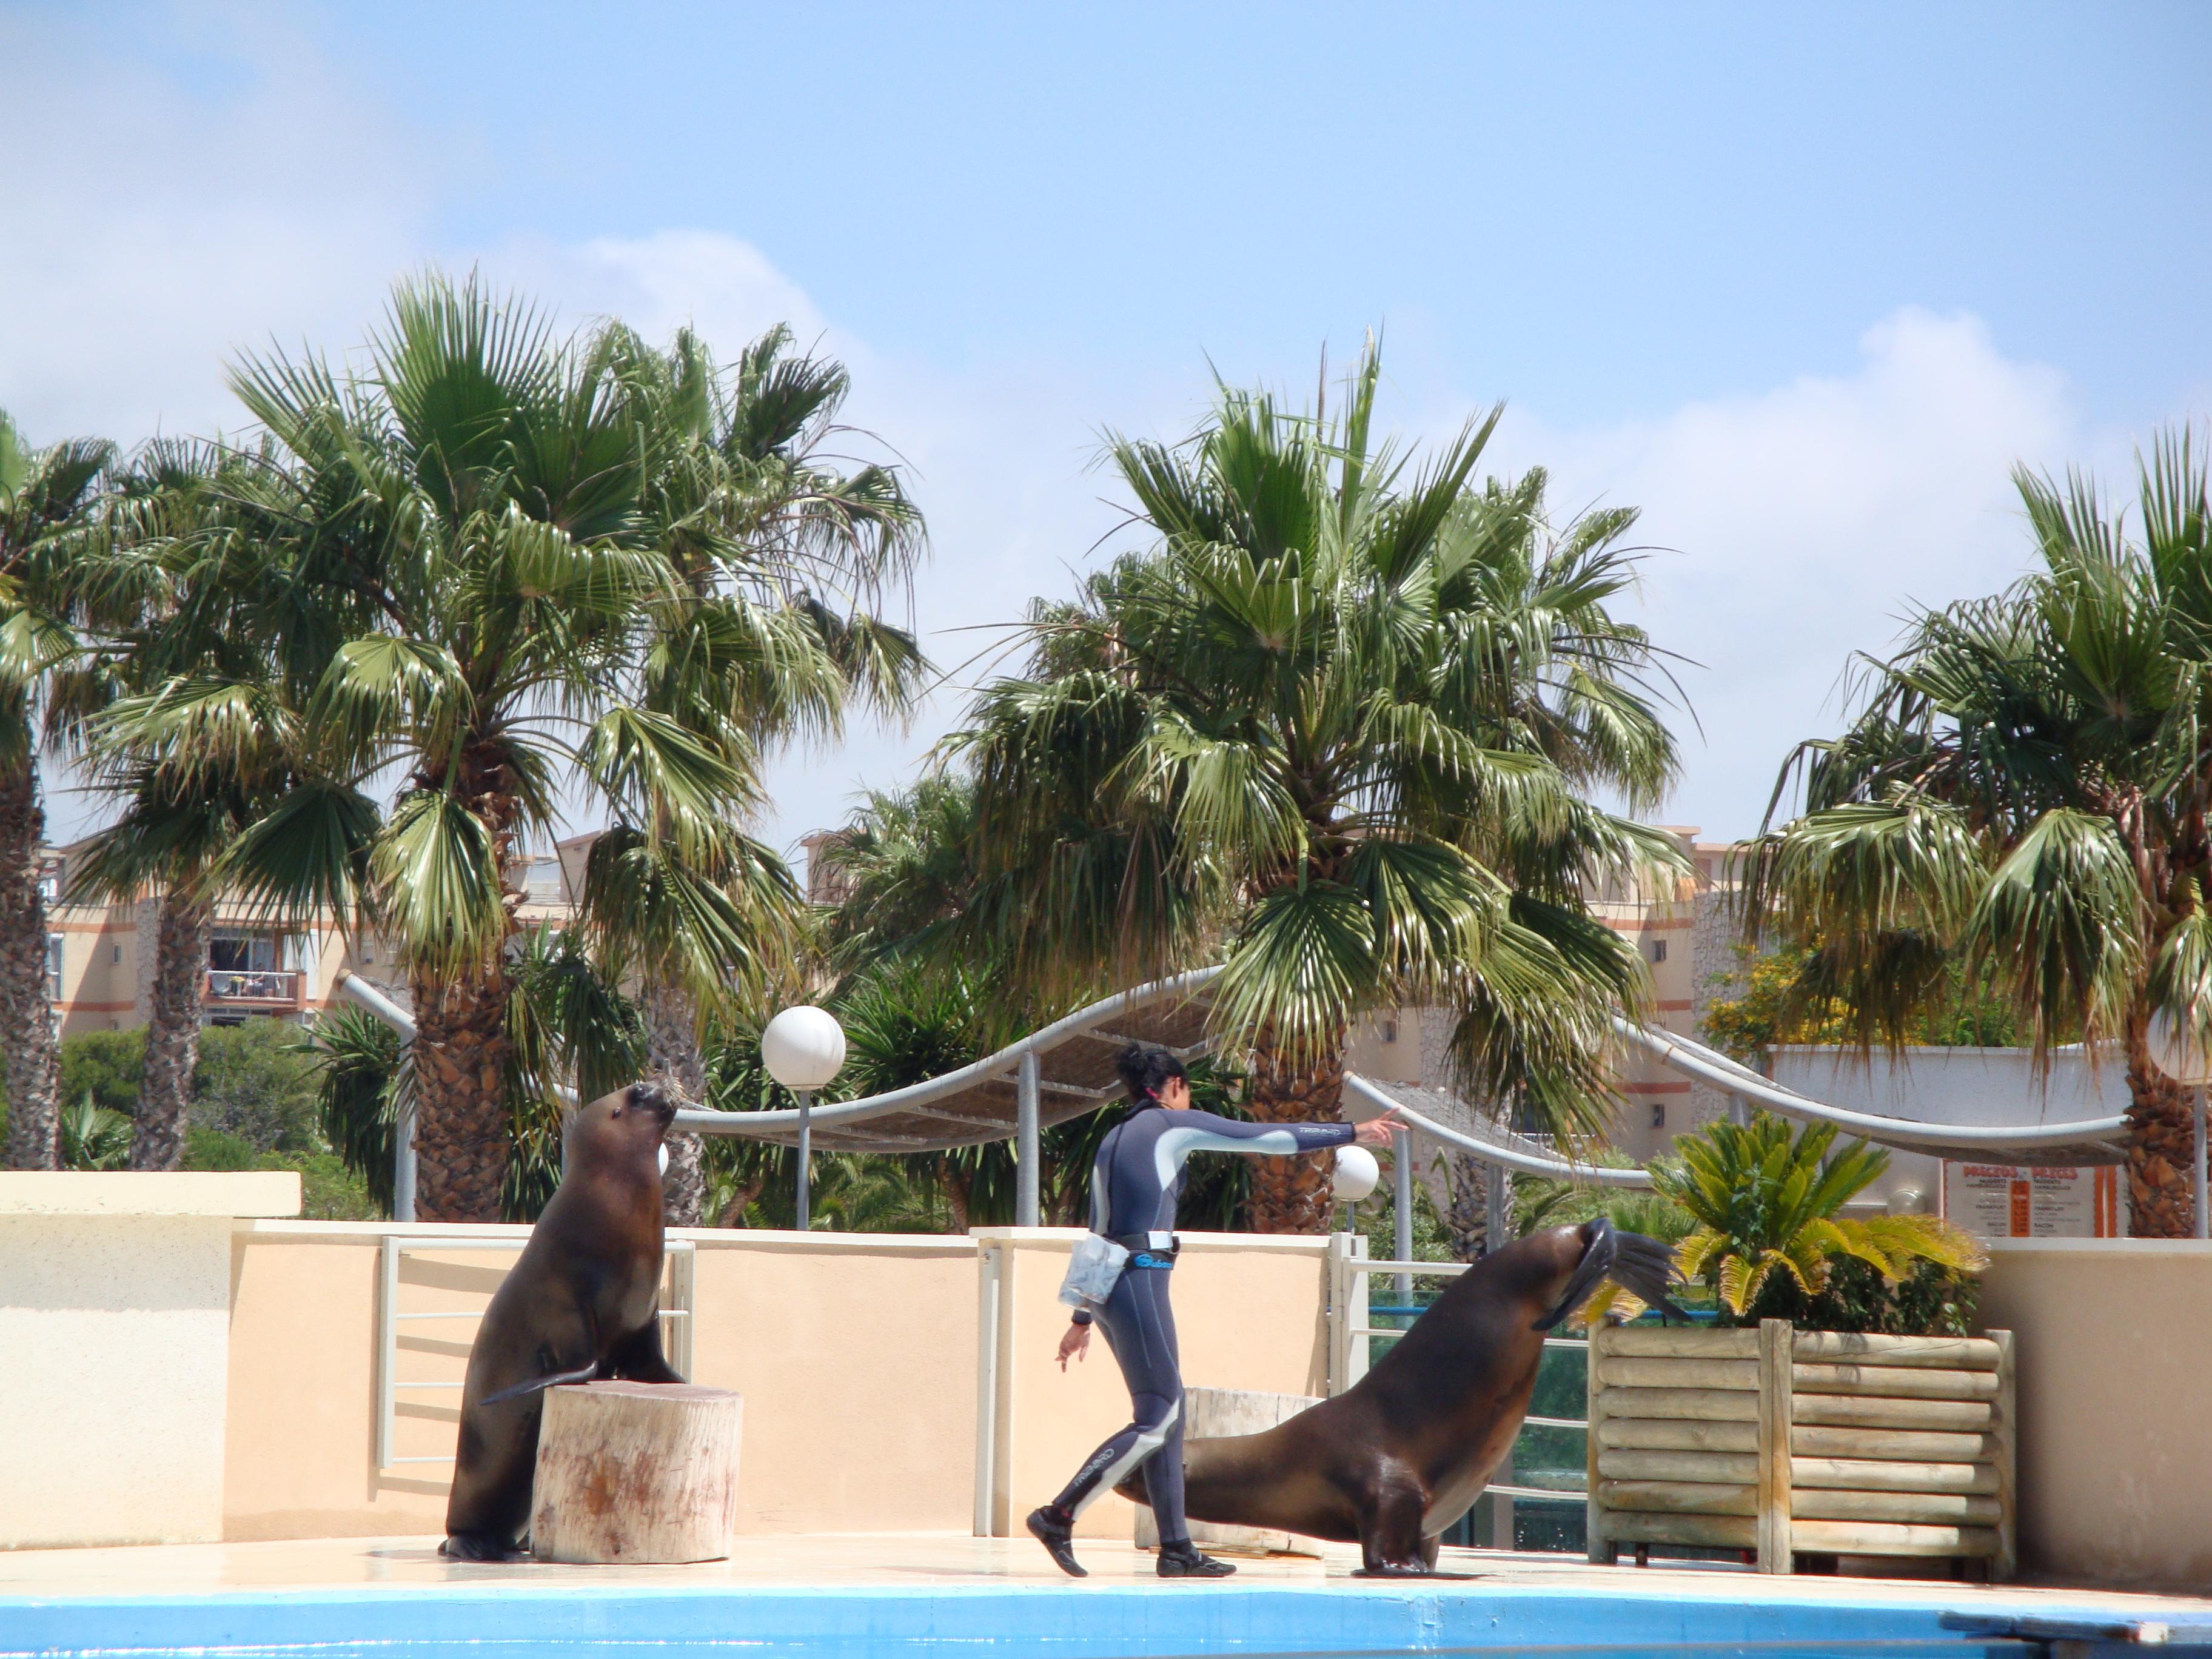 098. Шоу дельфинов и морских львов - Aquópolis, La Pineda